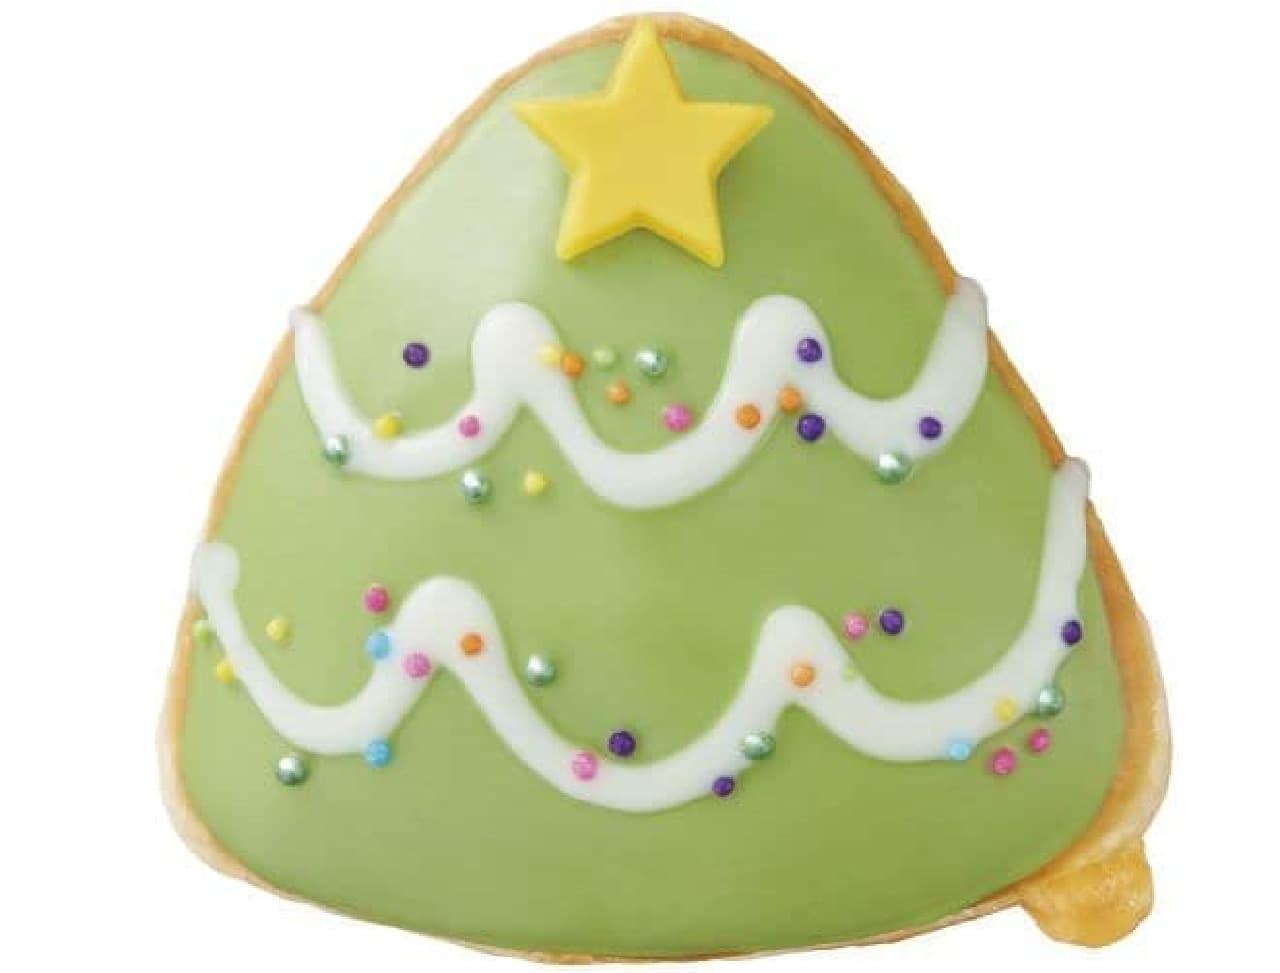 「ハッピー バナナ ツリー」は、緑色のバニラチョコがアイシングされたクリスマスツリーデザインのドーナツ